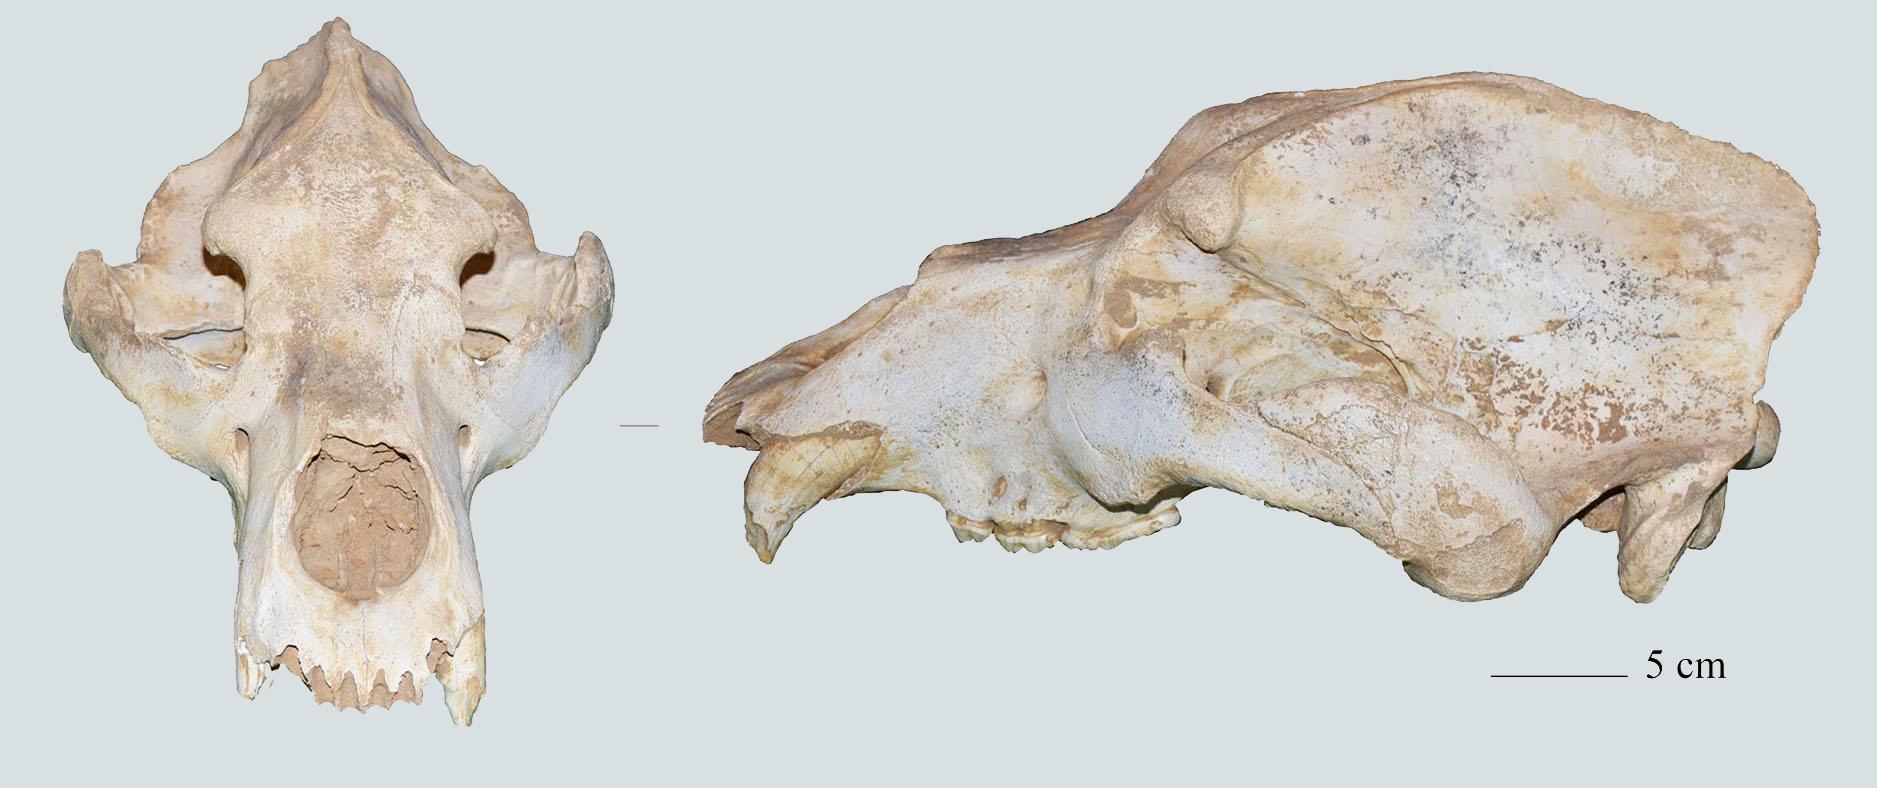 mağara ayısı